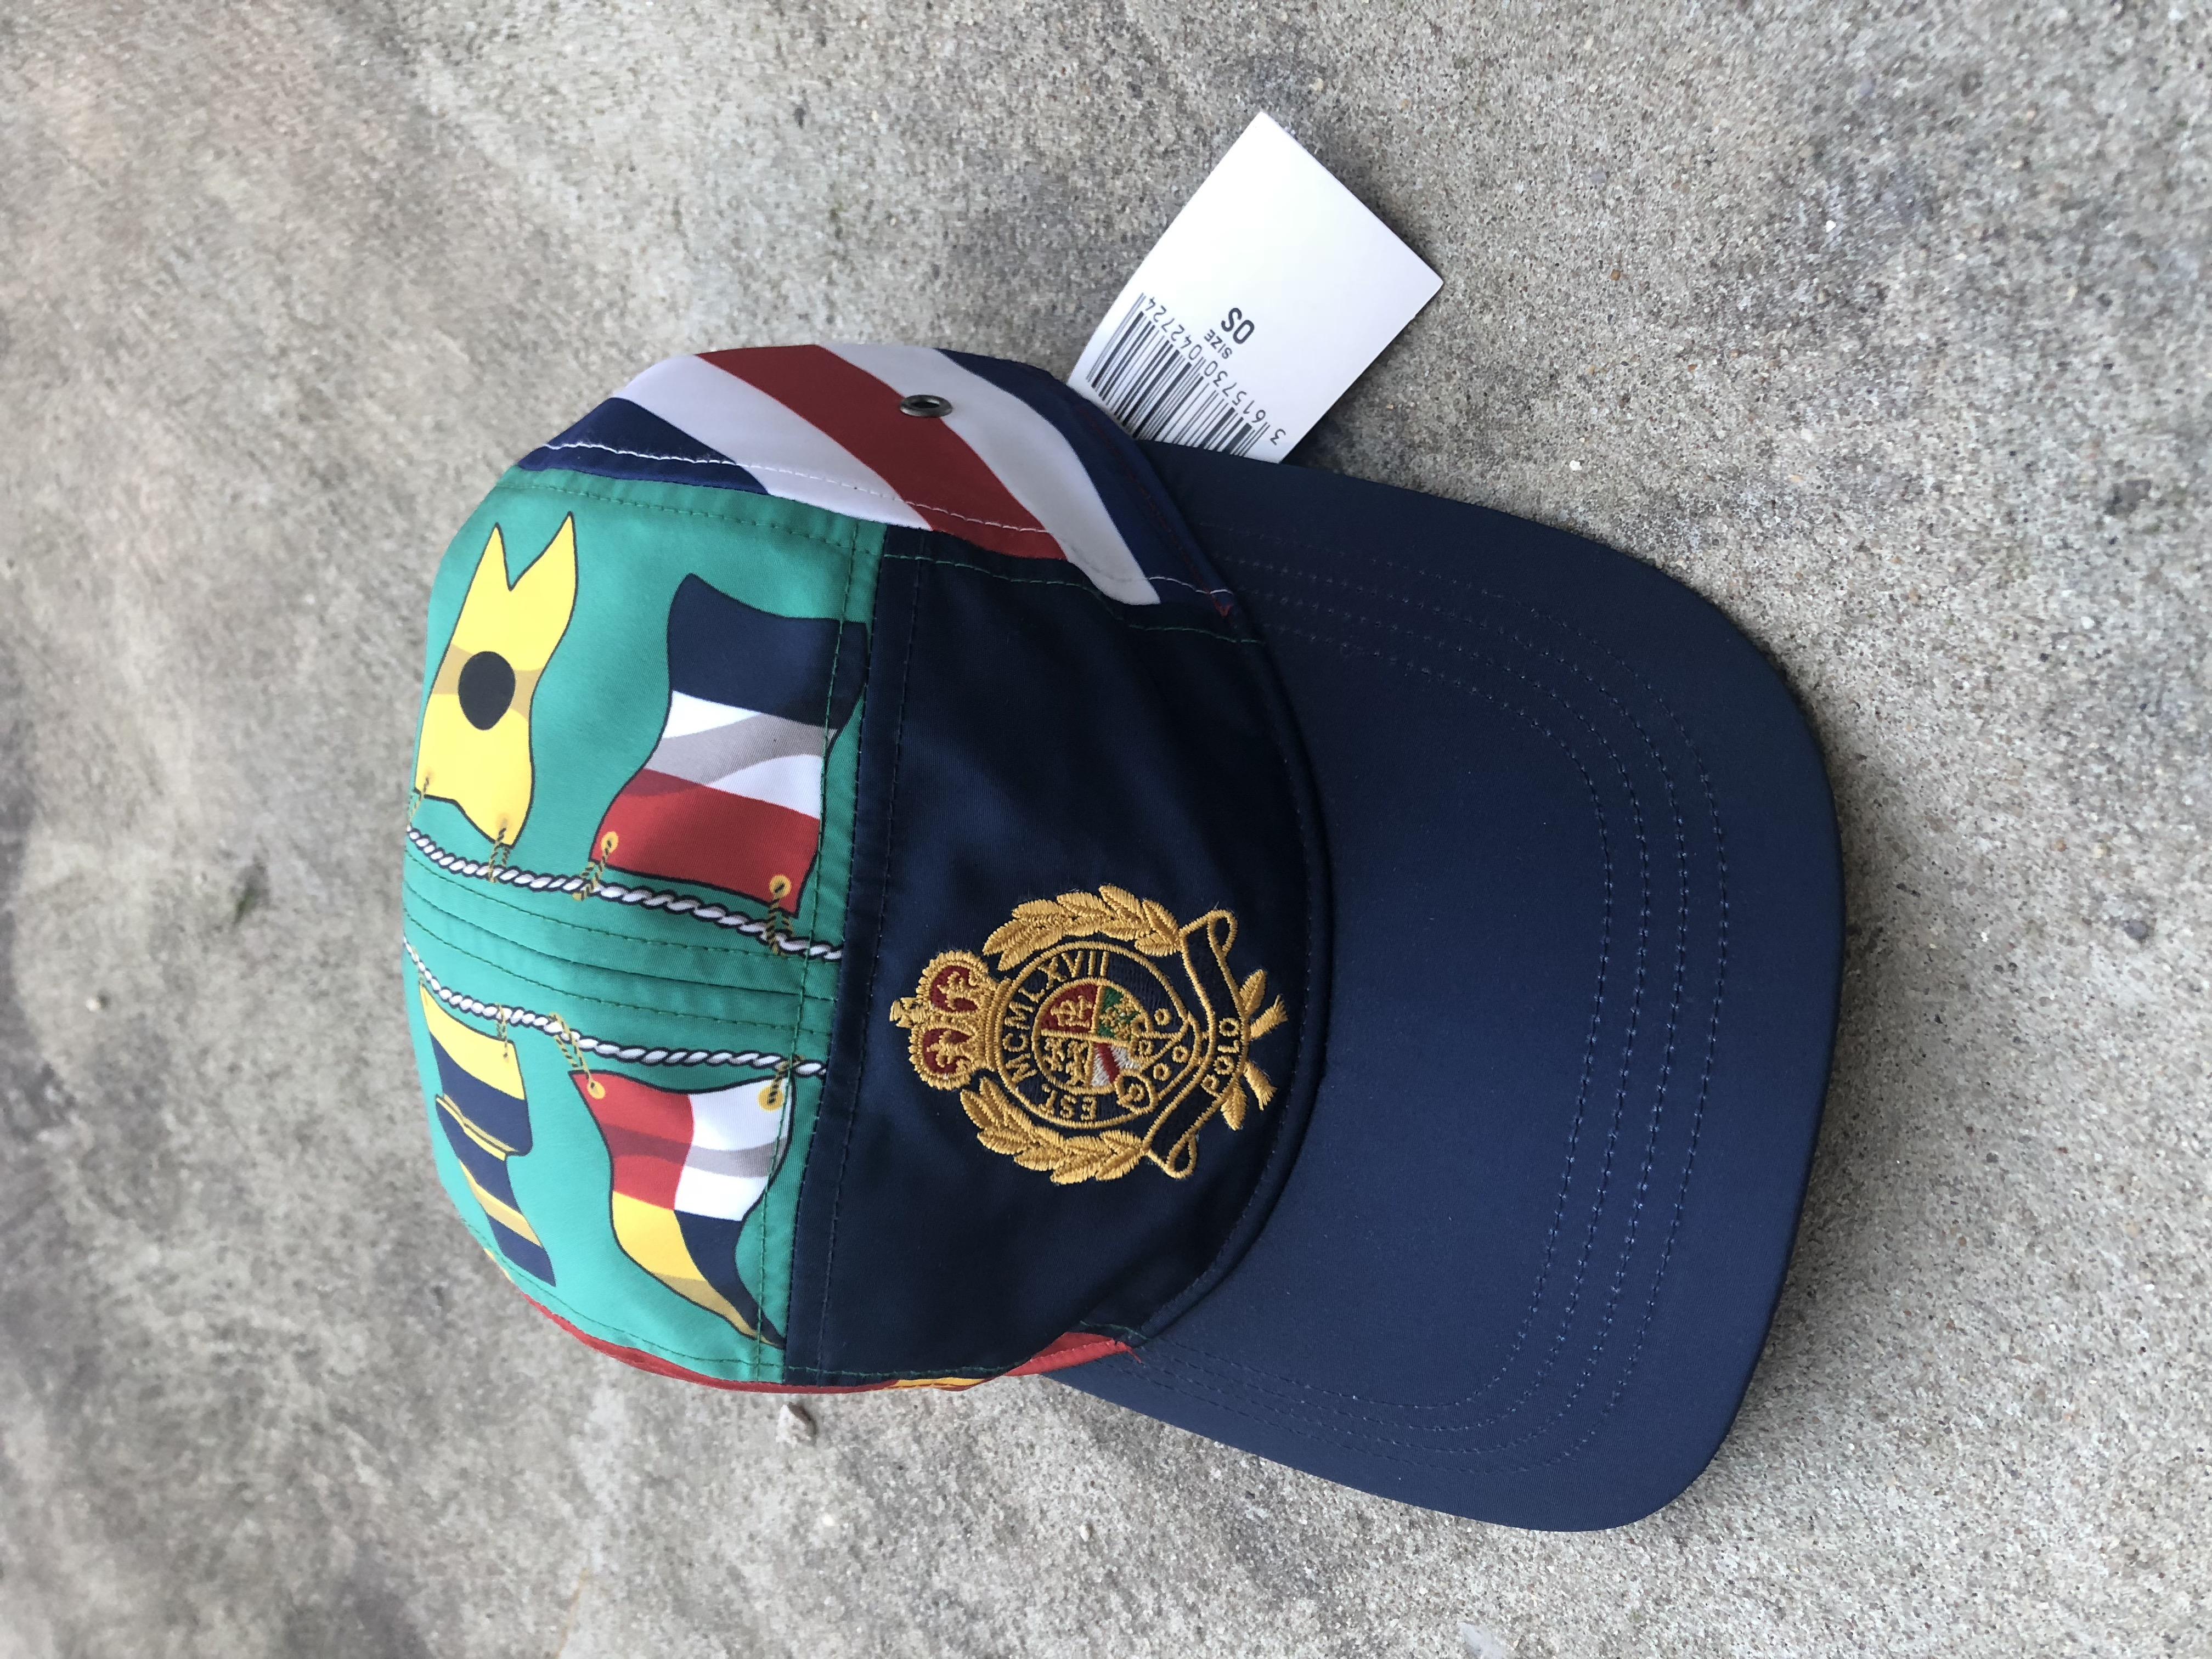 7cae330d Polo Ralph Lauren Polo Cp-93 Sailing Crest Hat Green Bnwt | Grailed